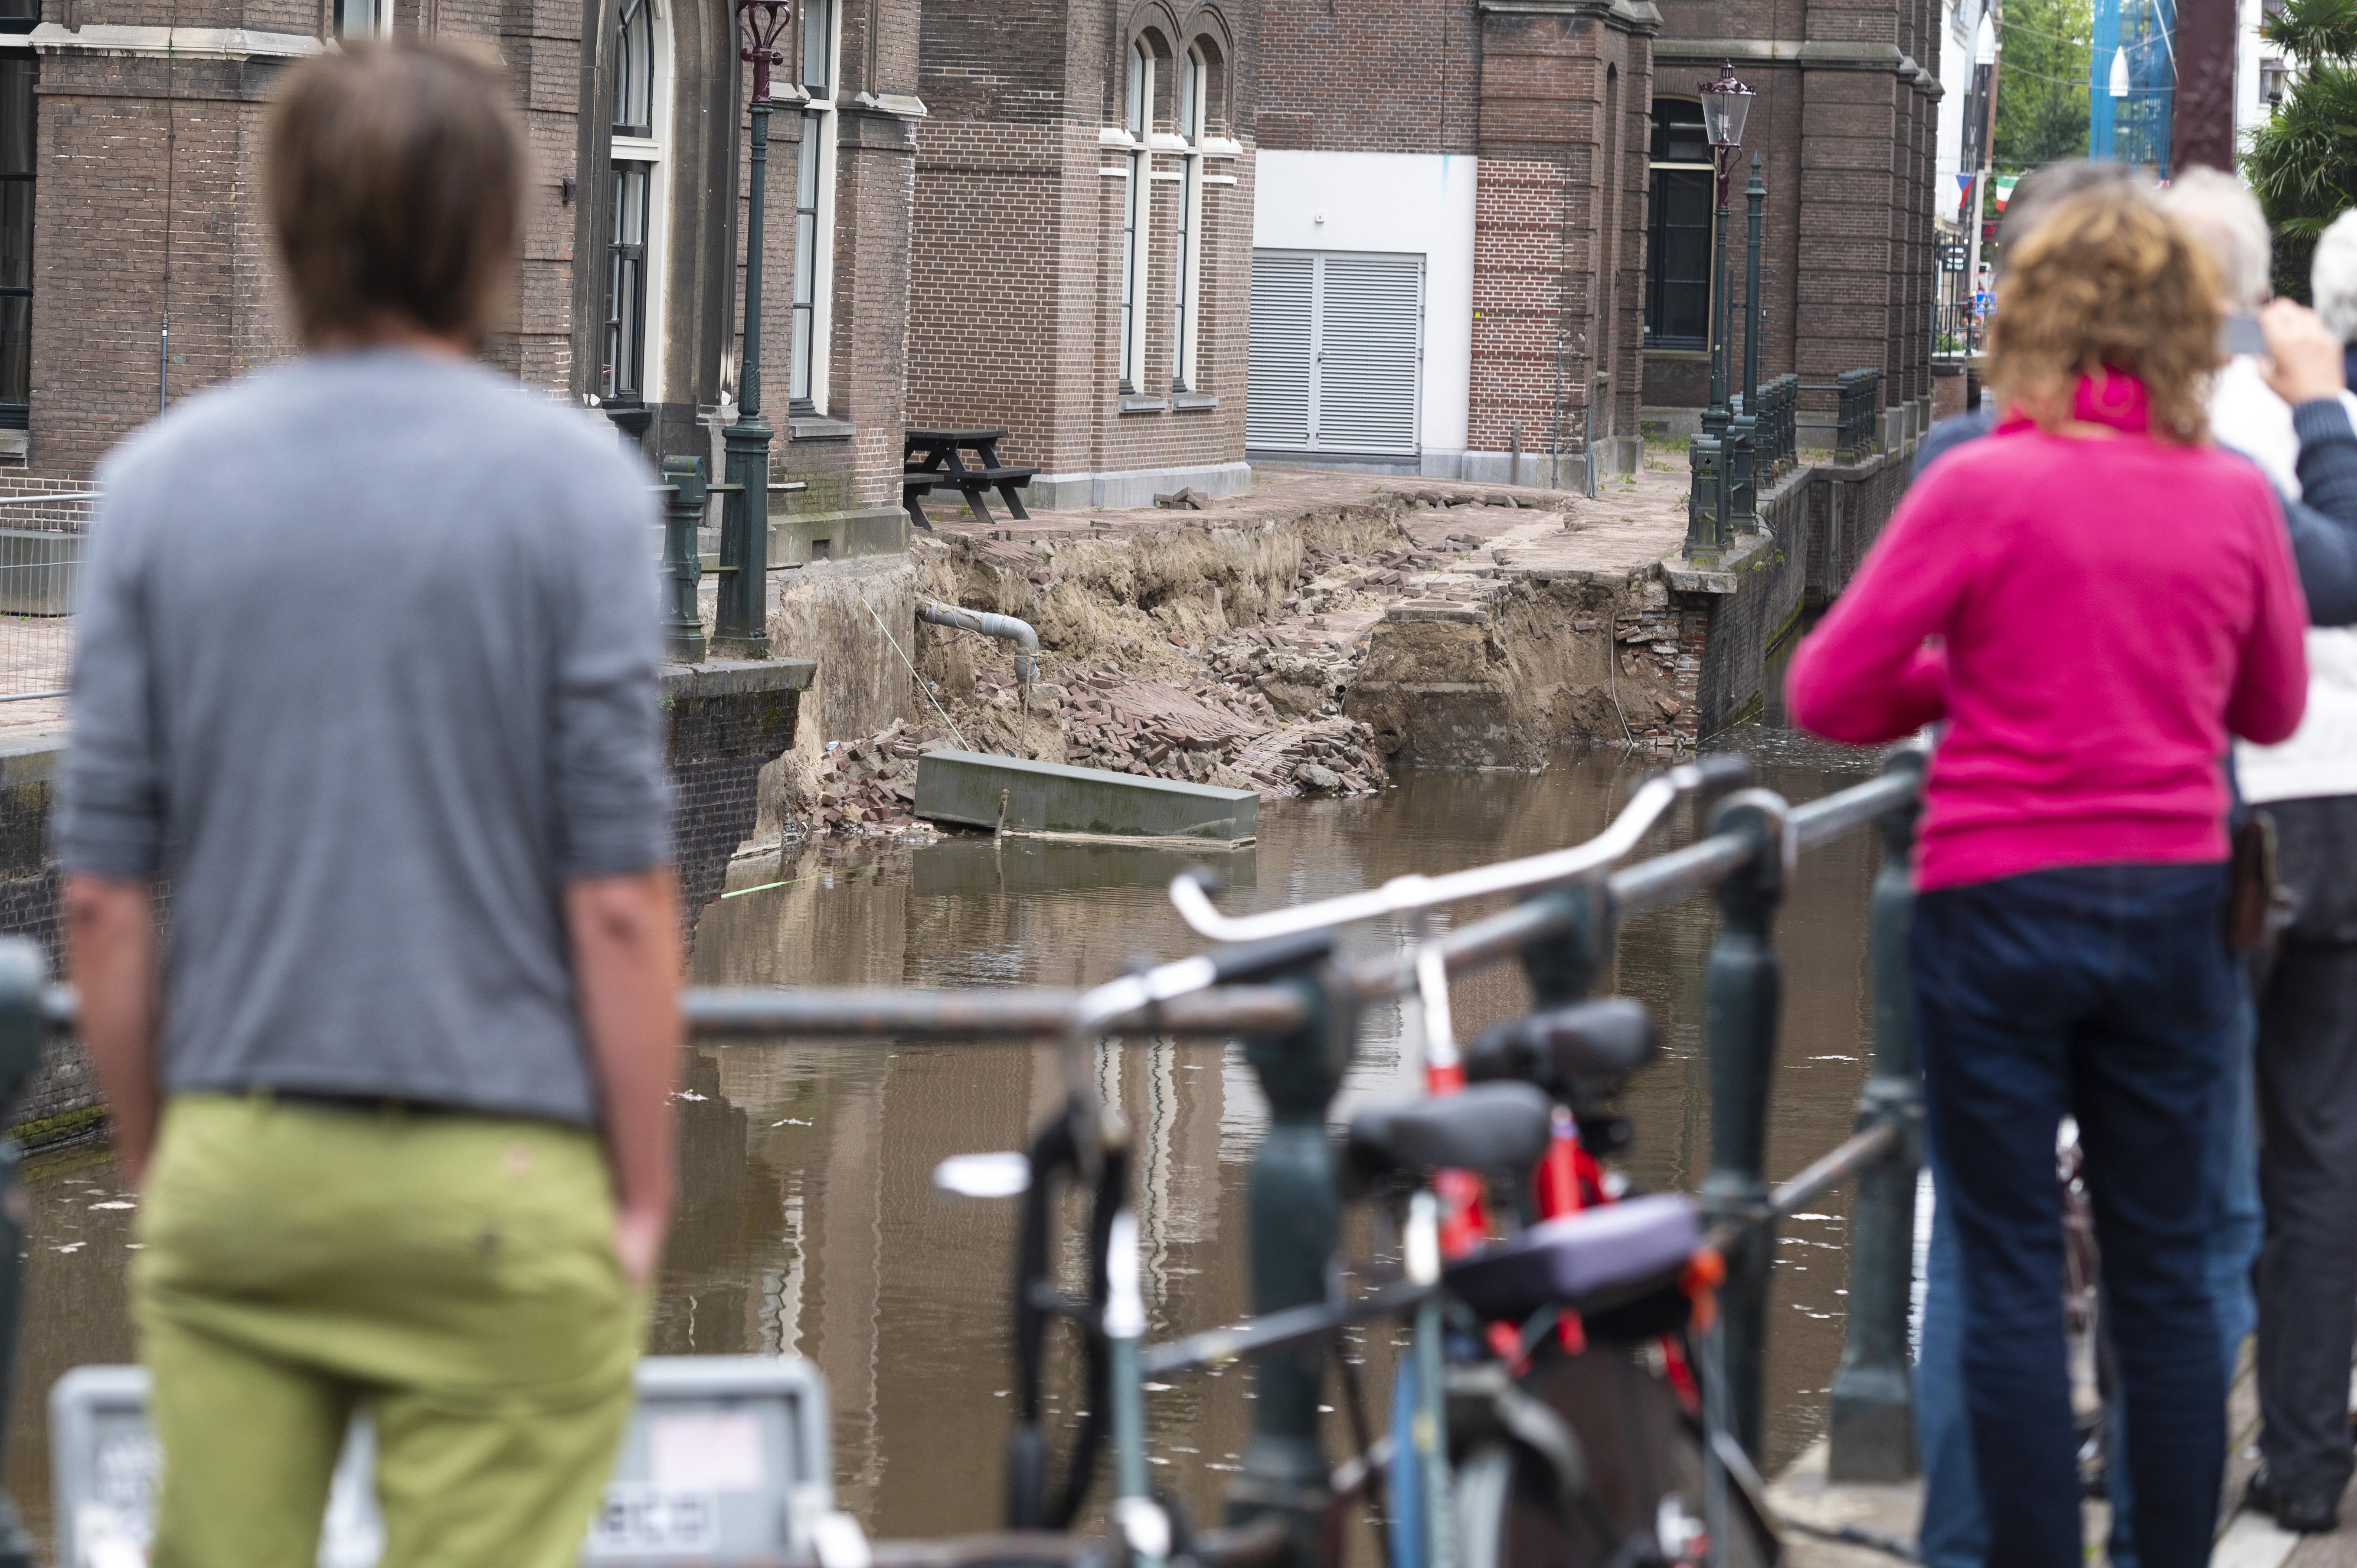 Een foto van de ingestorte kade in Amsterdam